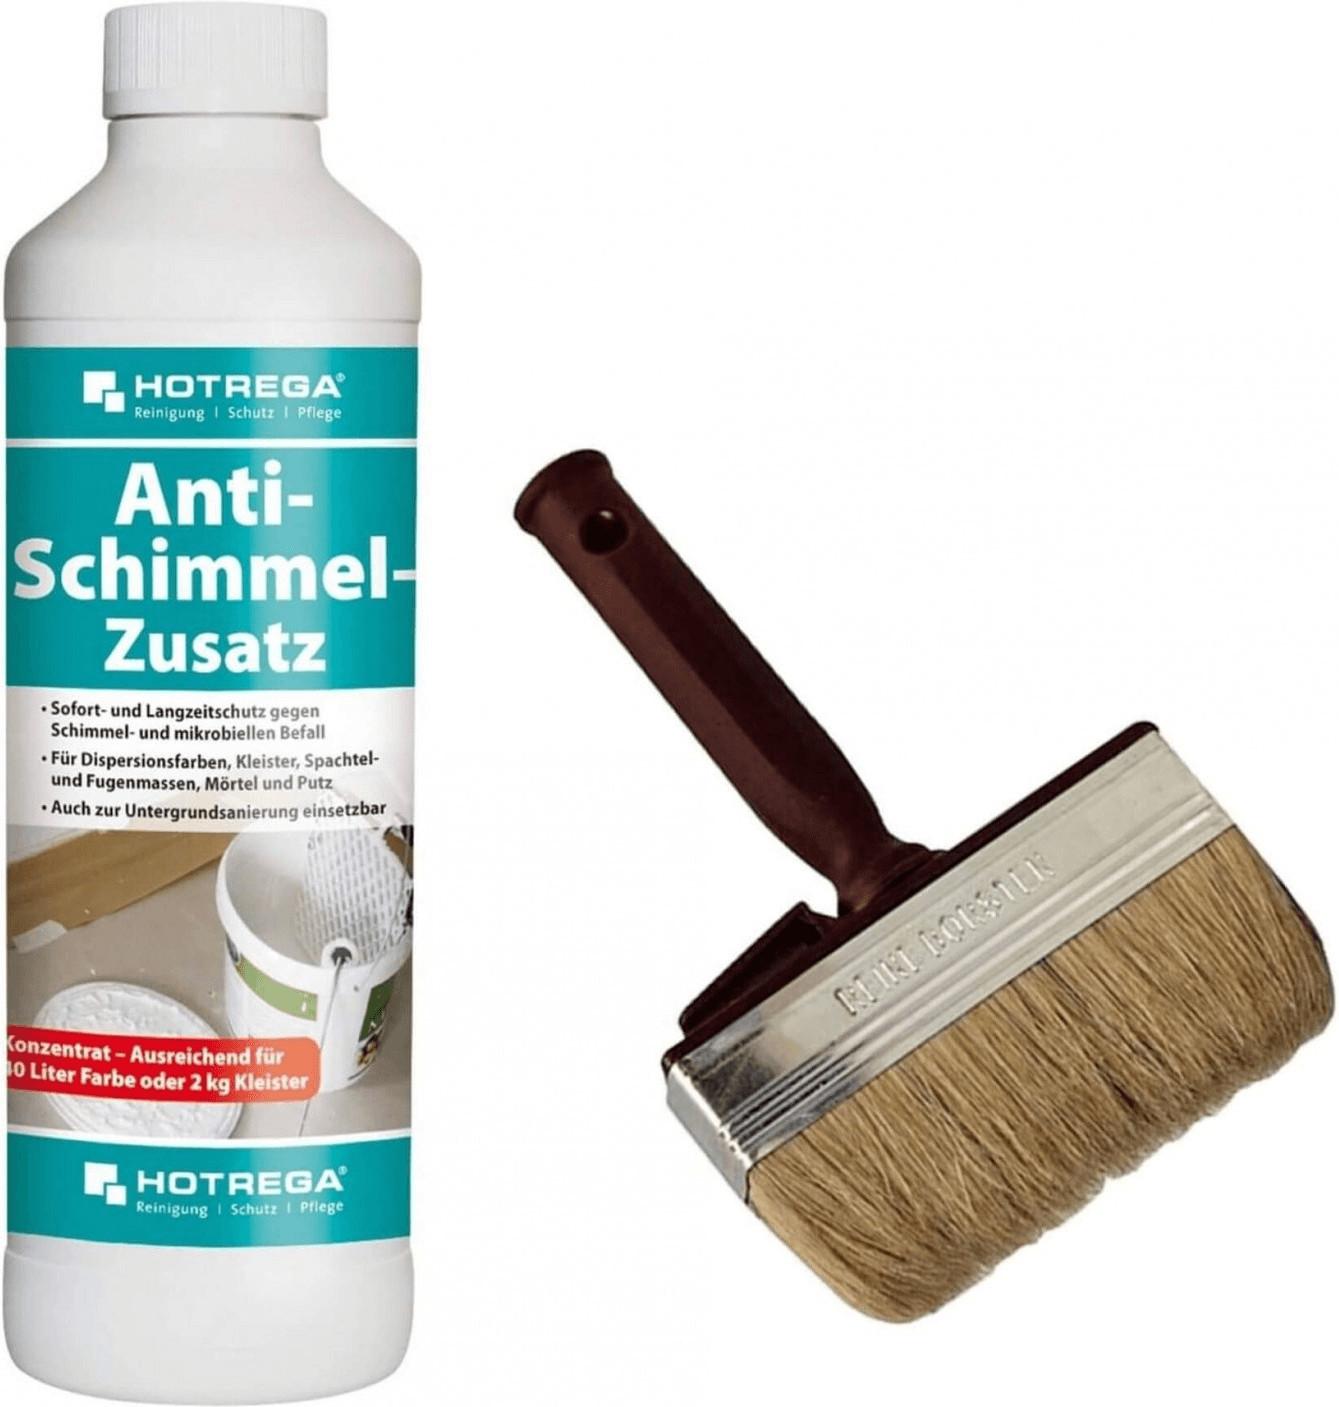 Hotrega Anti-Schimmel-Zusatz 500 ml